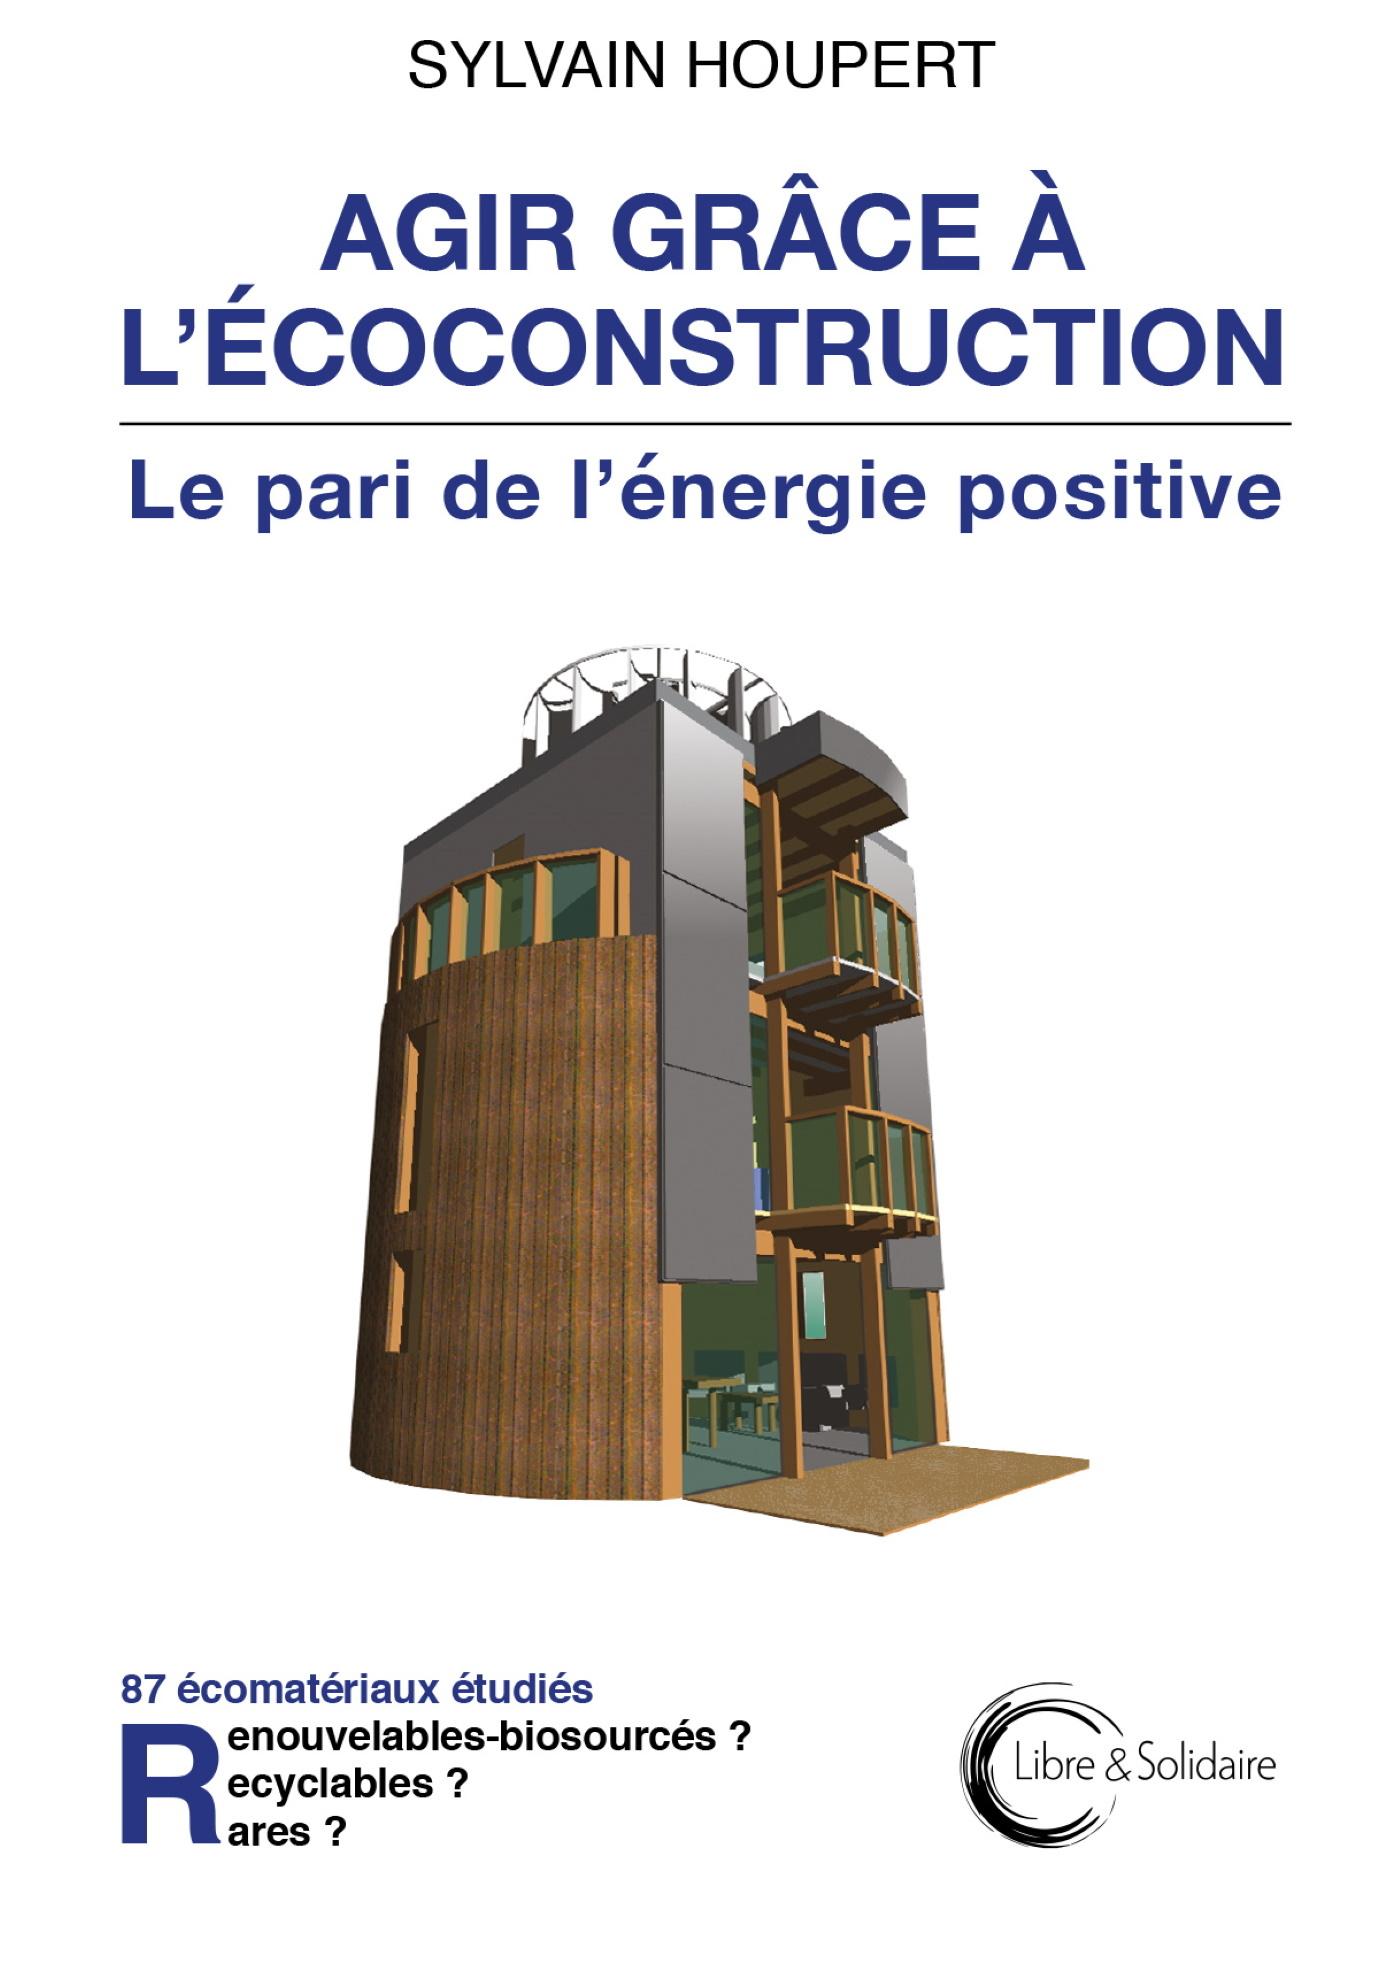 AGIR GRACE A L'ECOCONSTRUCTION - LE PARI DE L'ENERGIE POSITIVE